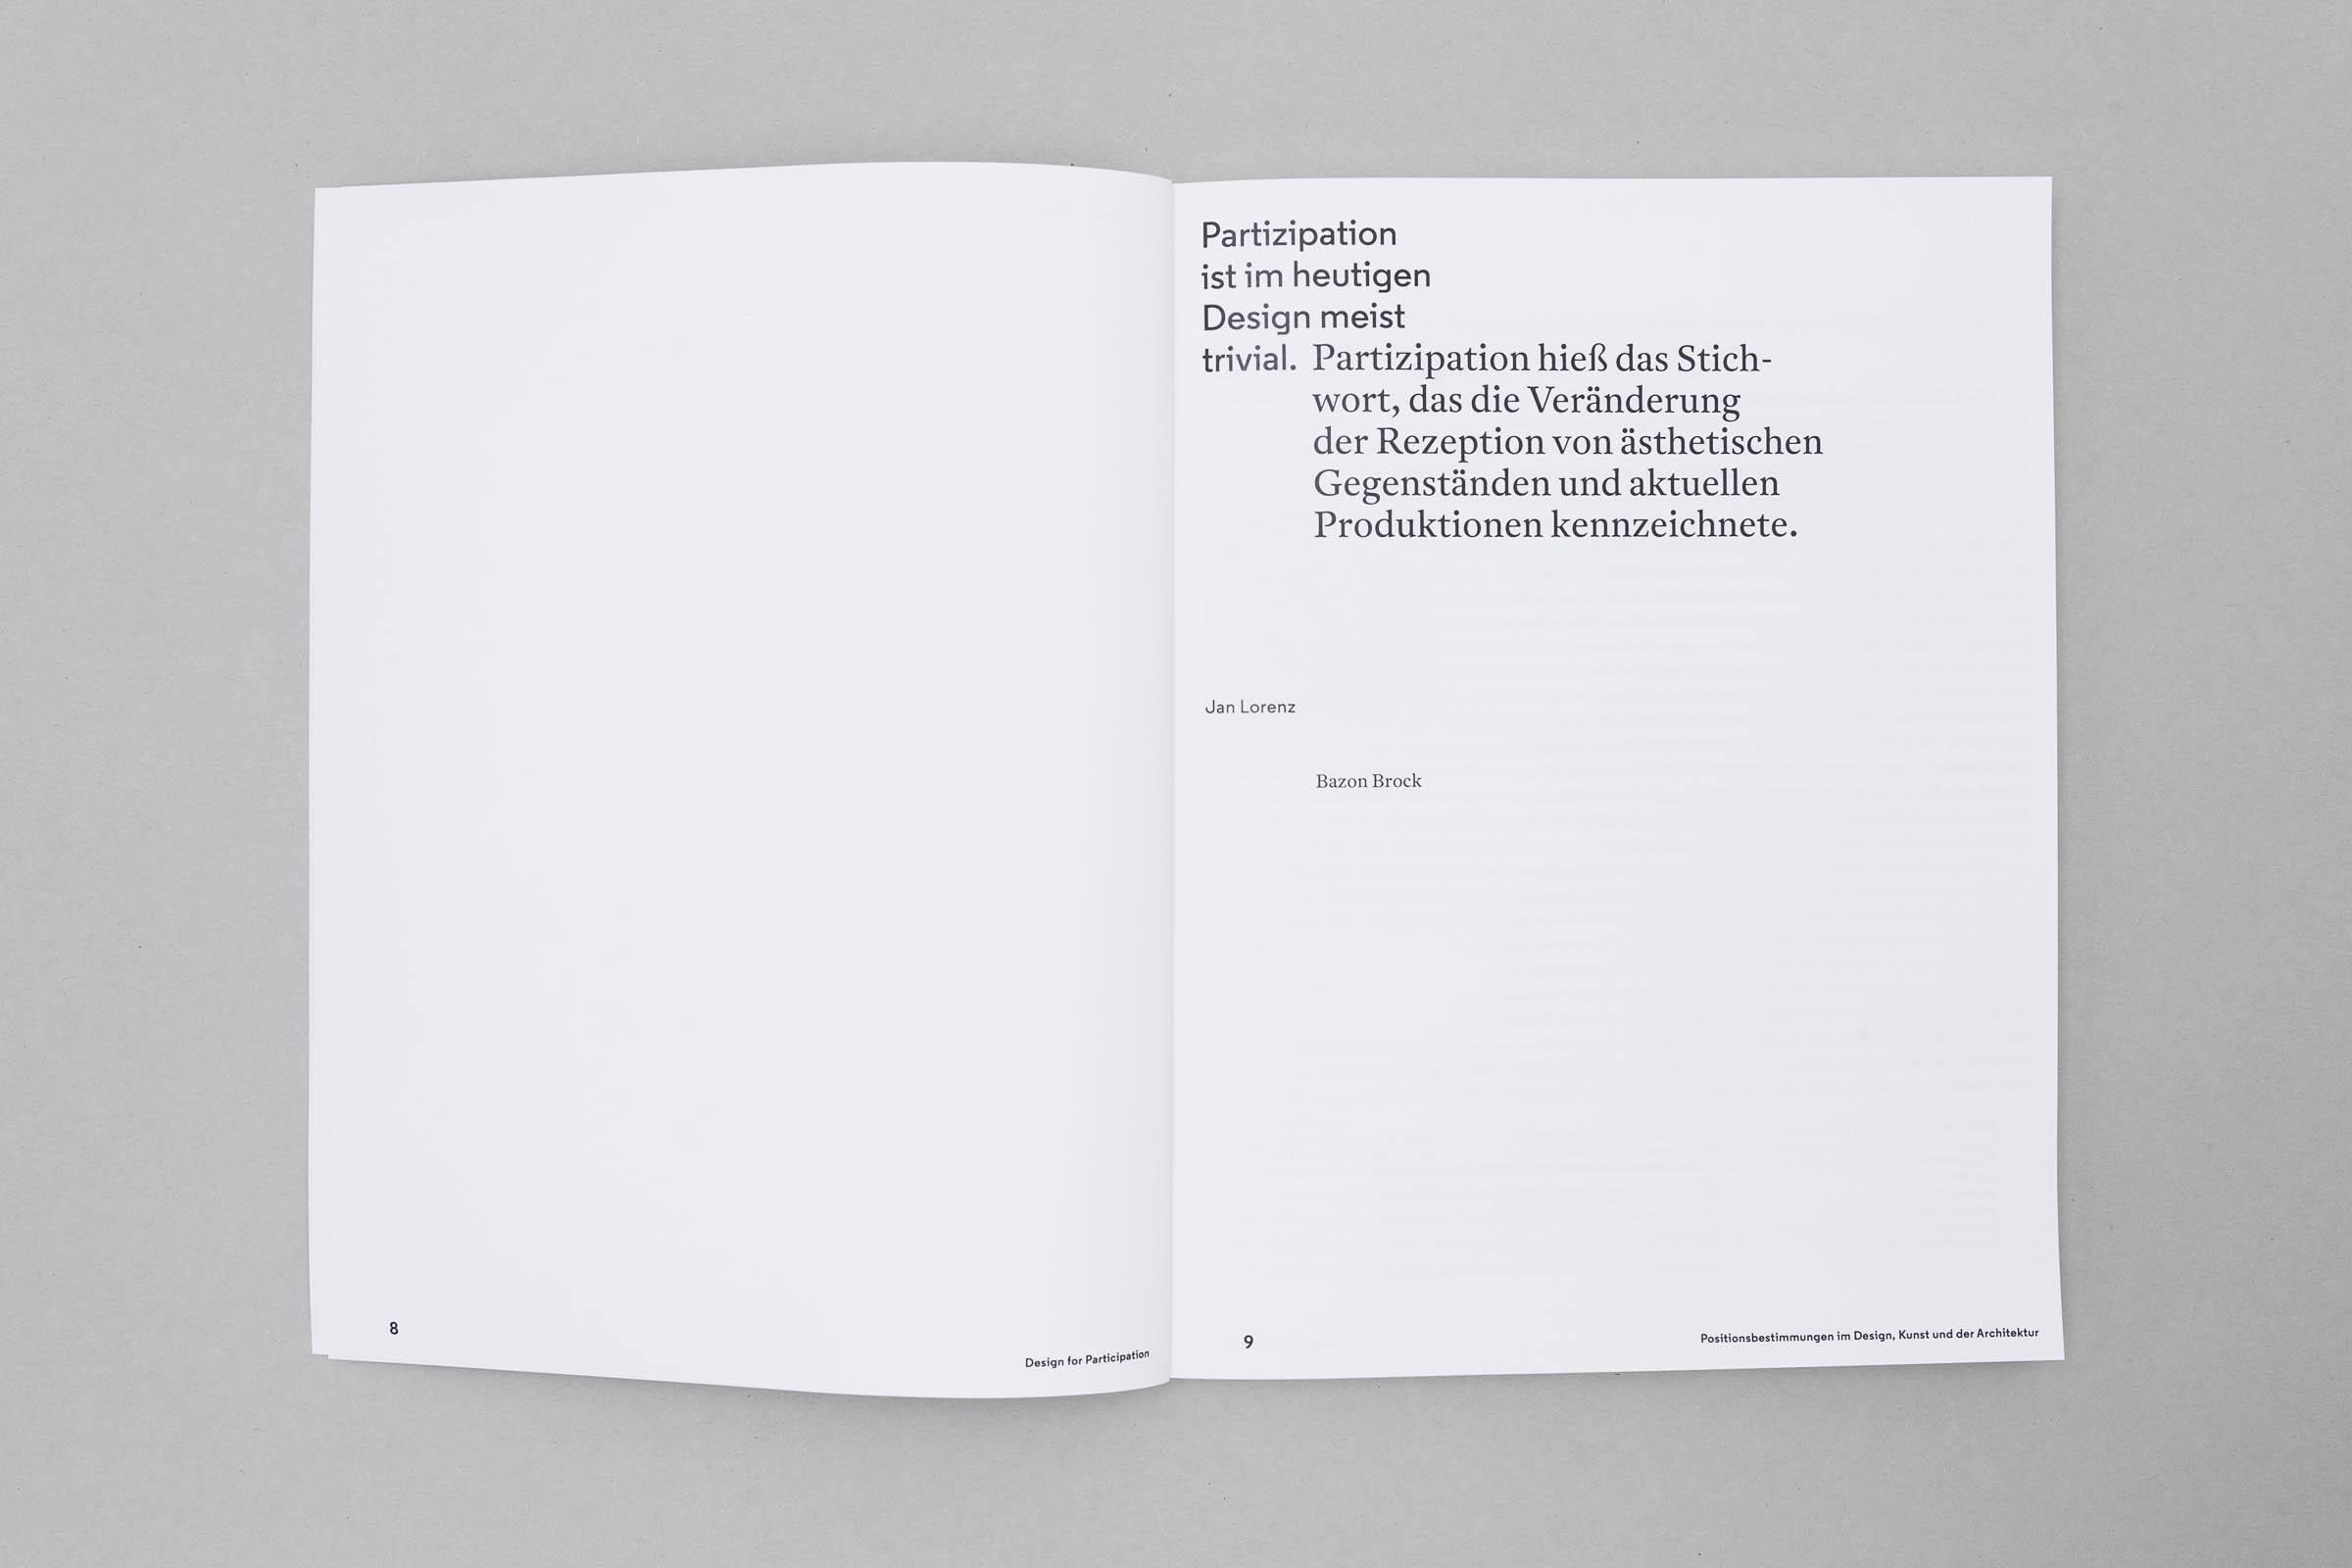 Design for Participation Buchgestaltung Doppelseite Kapitelstartseite © Christian Weber – Büro für Gestaltung und Kommunikation